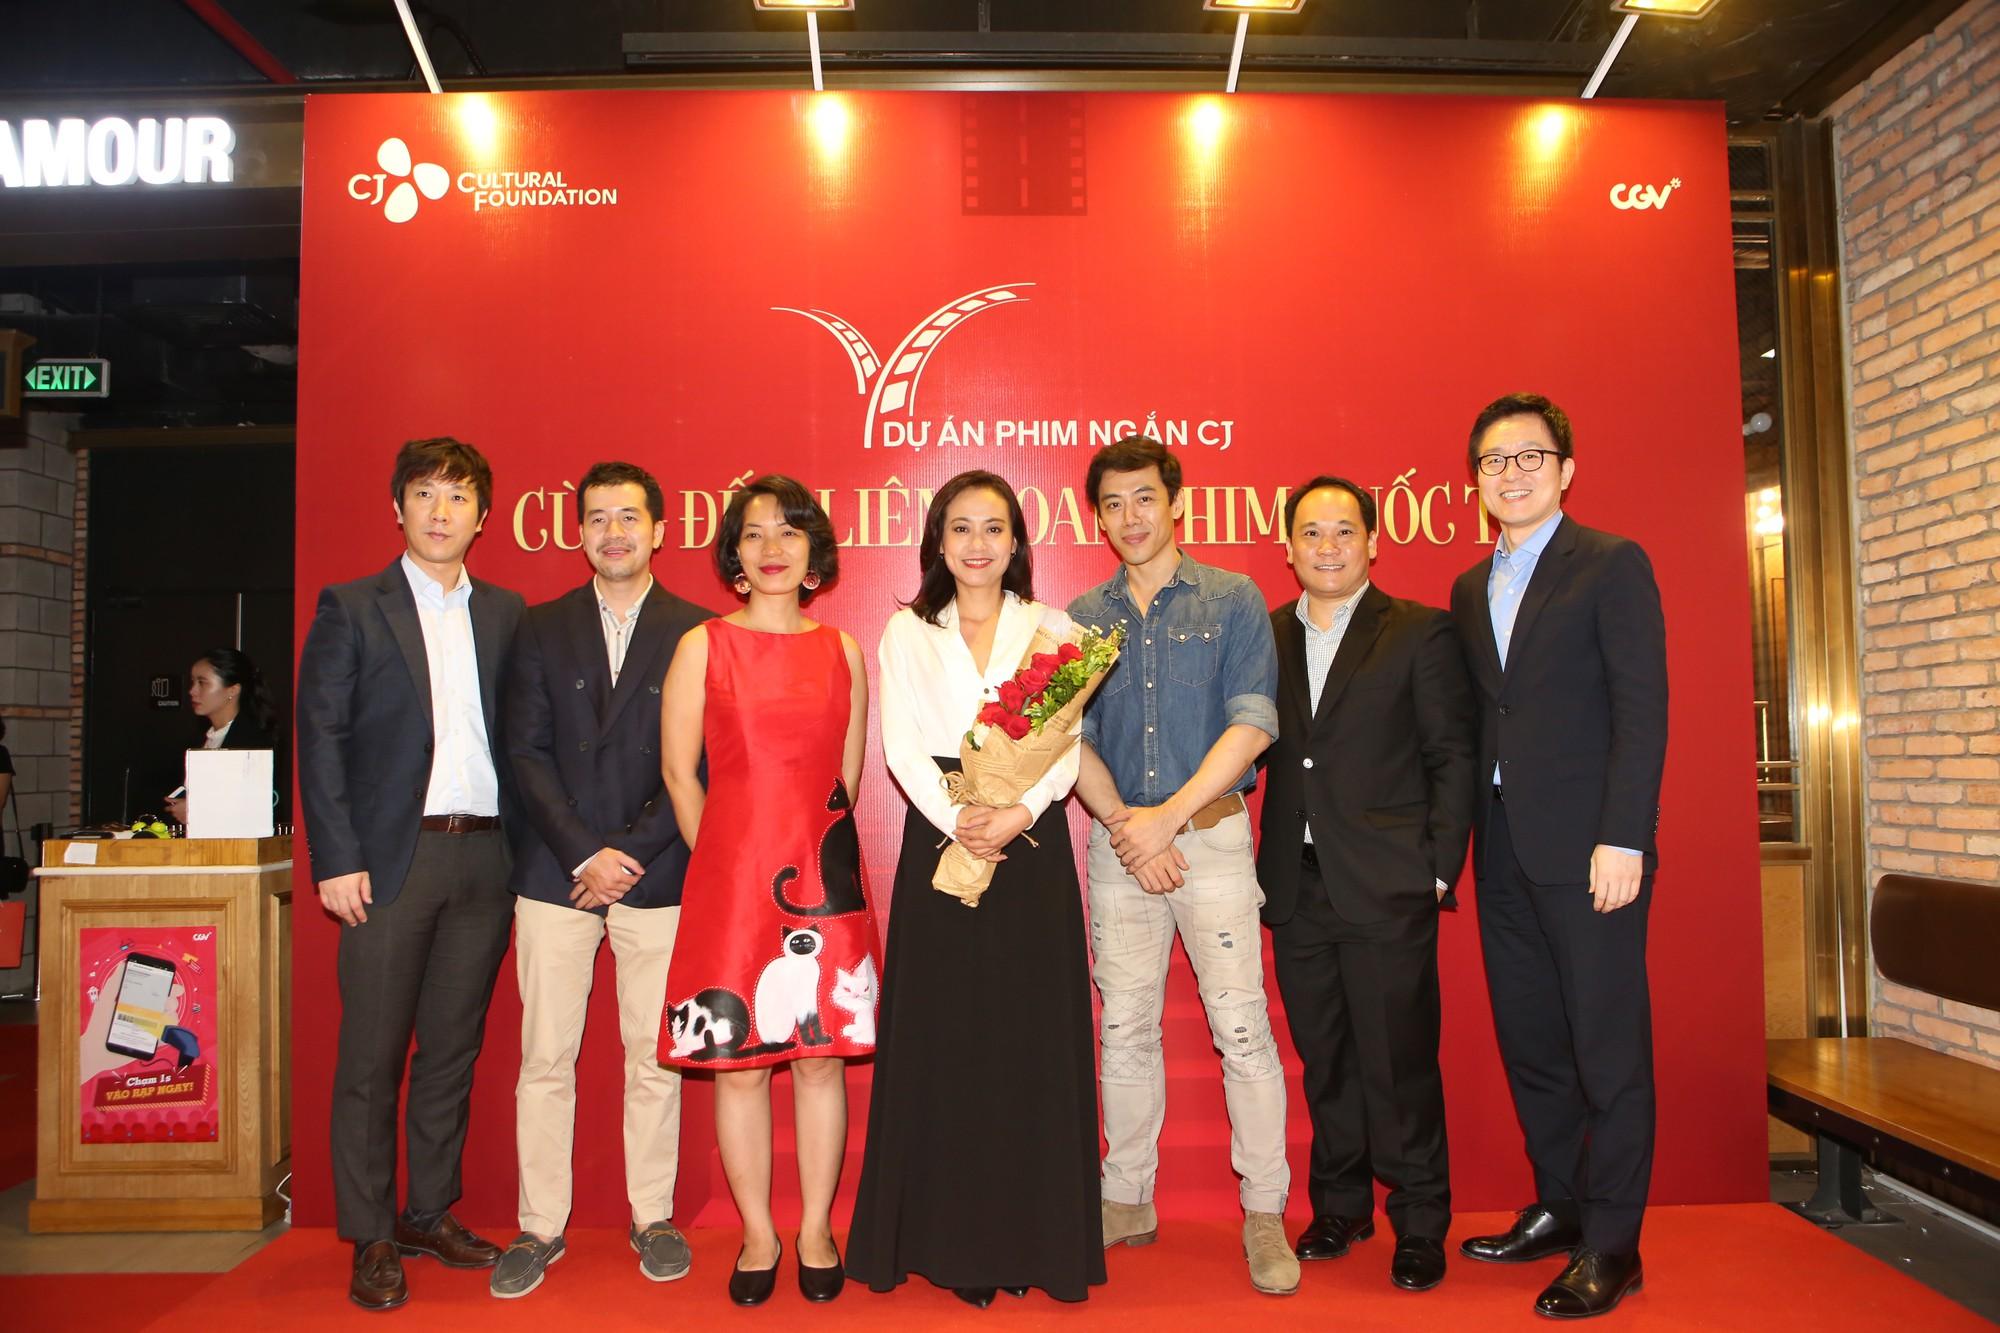 Dự án phim ngắn CJ - Cơ hội cho các nhà làm phim trẻ Việt Nam (22/6/2018)